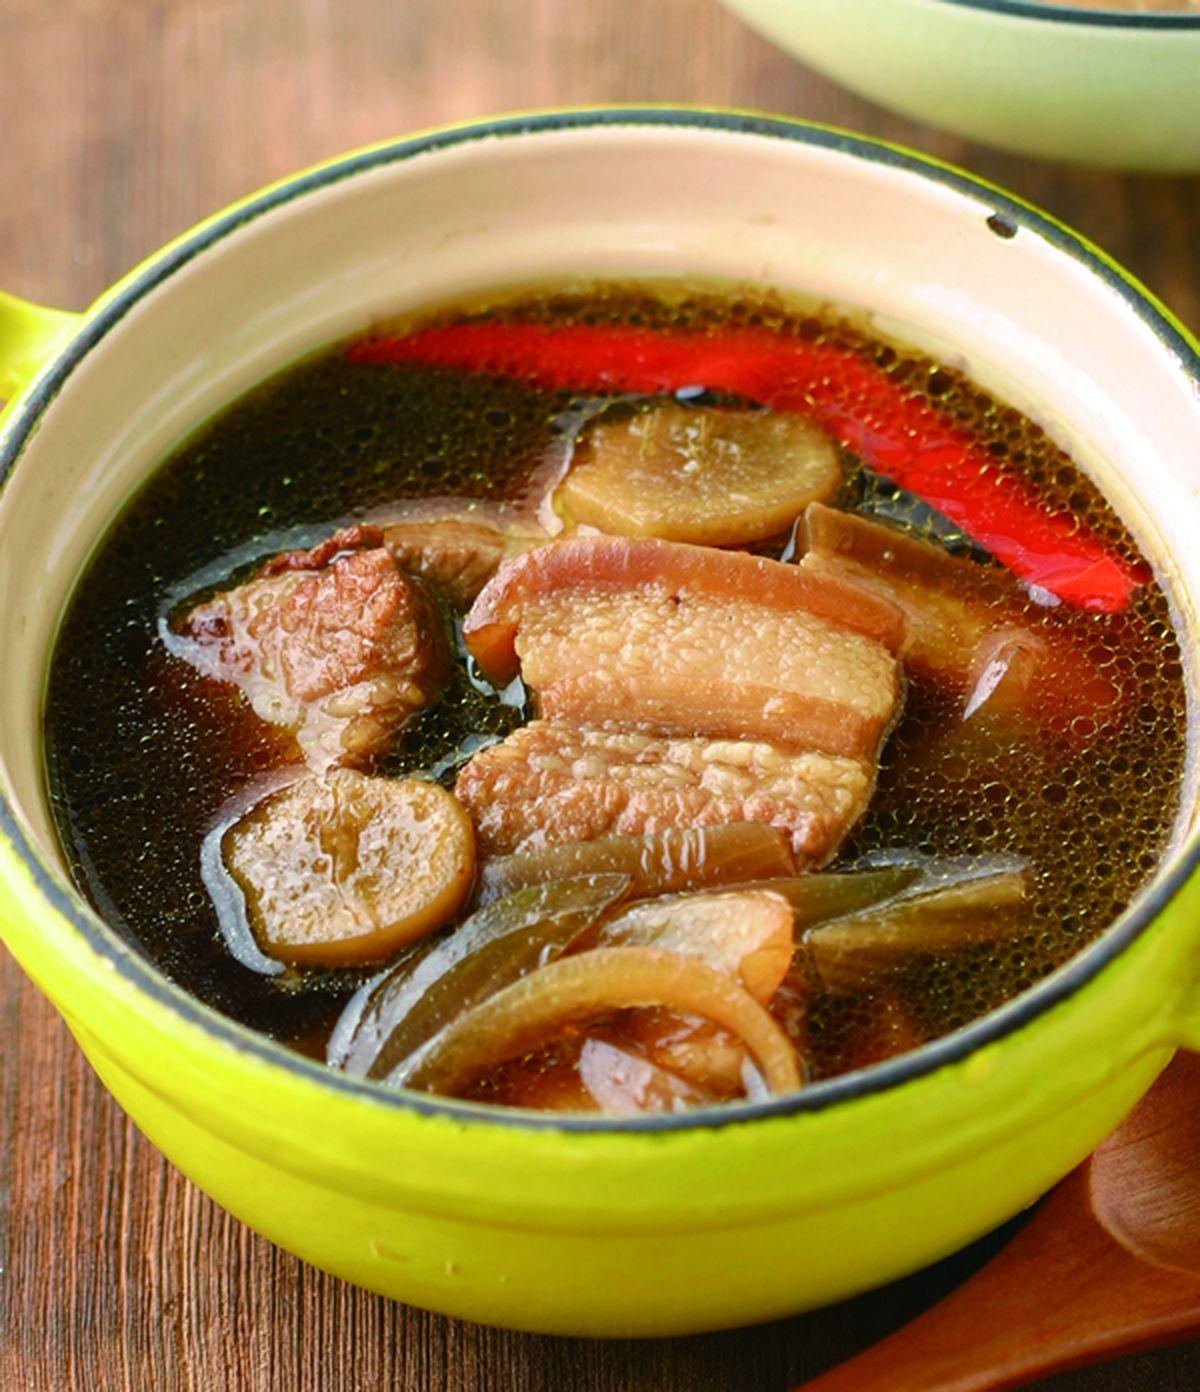 食譜:滷三層肉醬汁